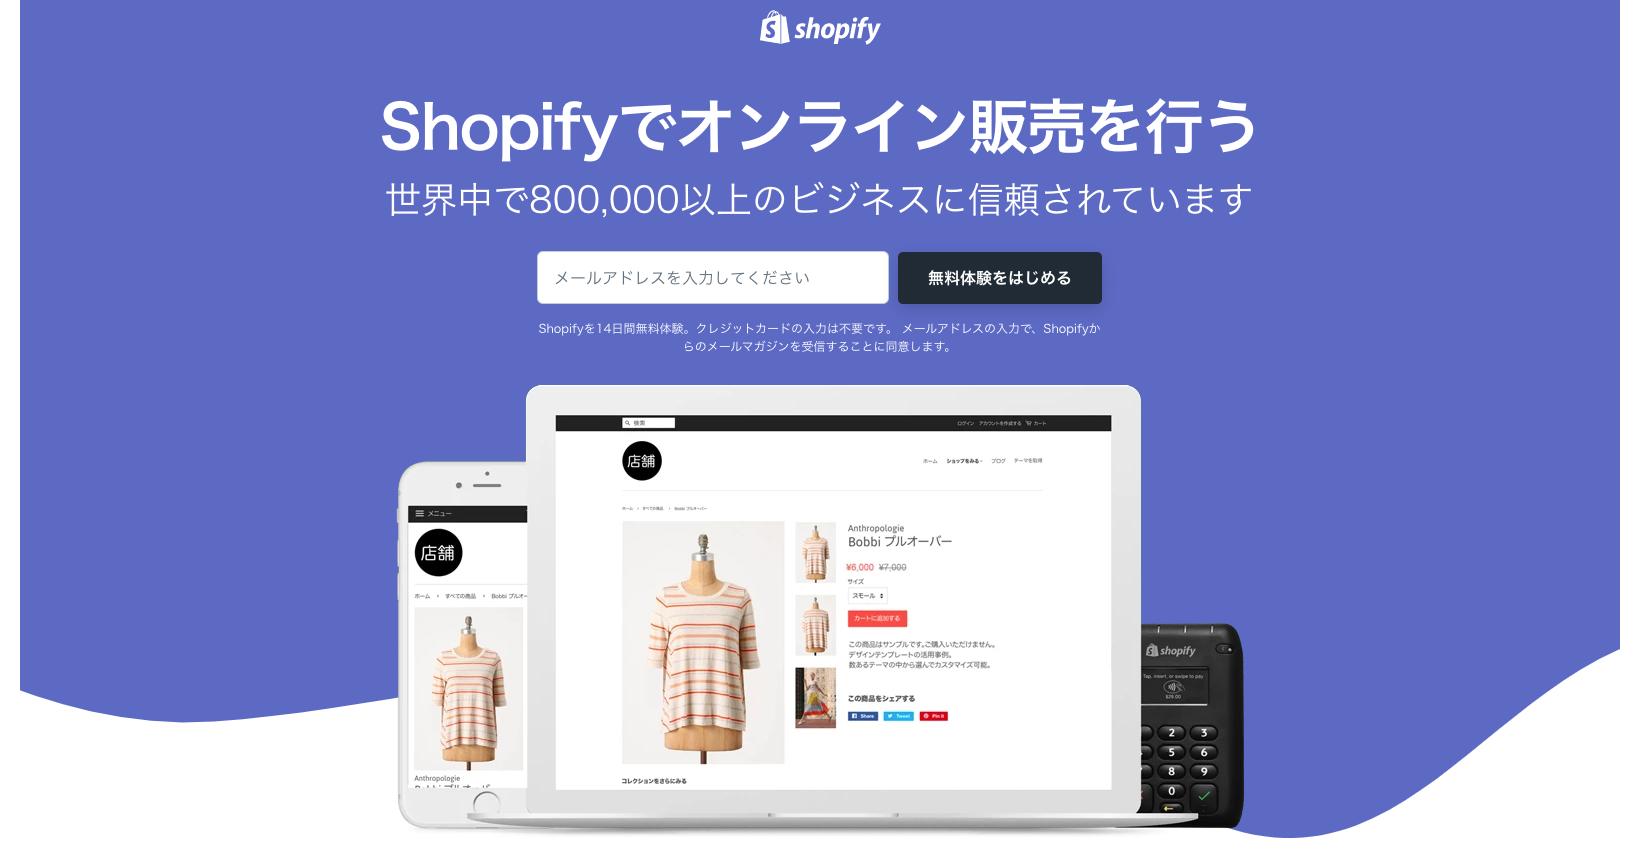 Shopify(ショピファイ)の評判は?カラーミーショップやカラーミーリピートとの比較!メリット・デメリットも解説